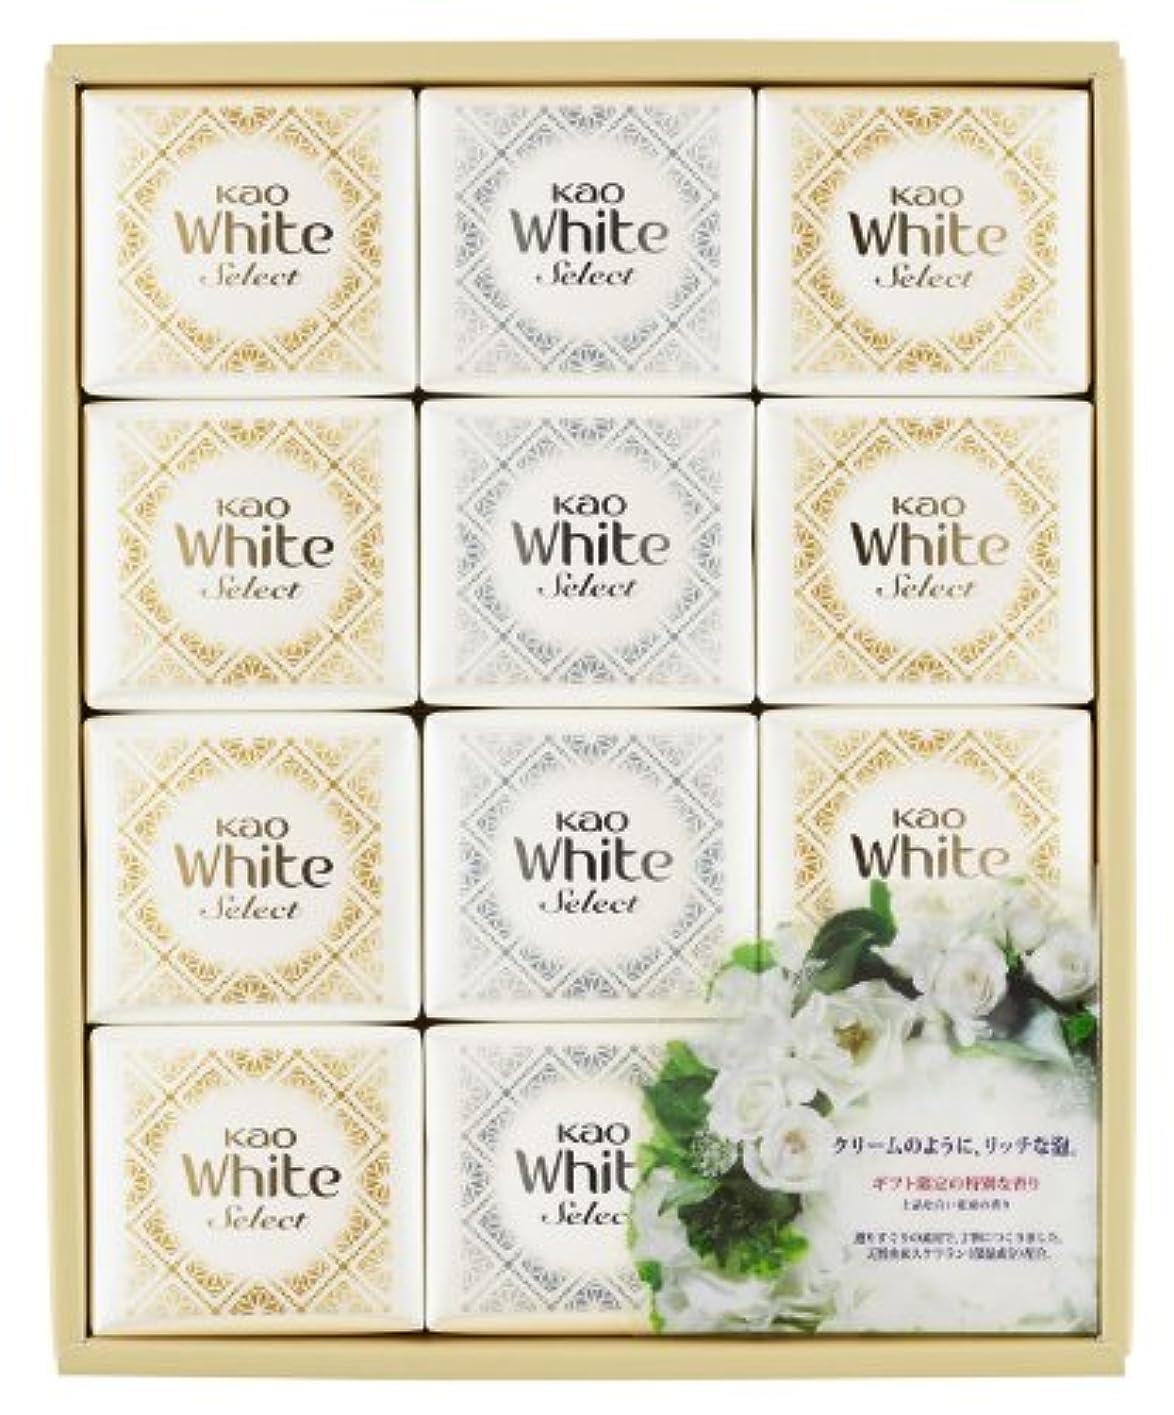 粒グループメール花王ホワイト セレクト 上品な白い花束の香り 85g 12コ K?WS-20